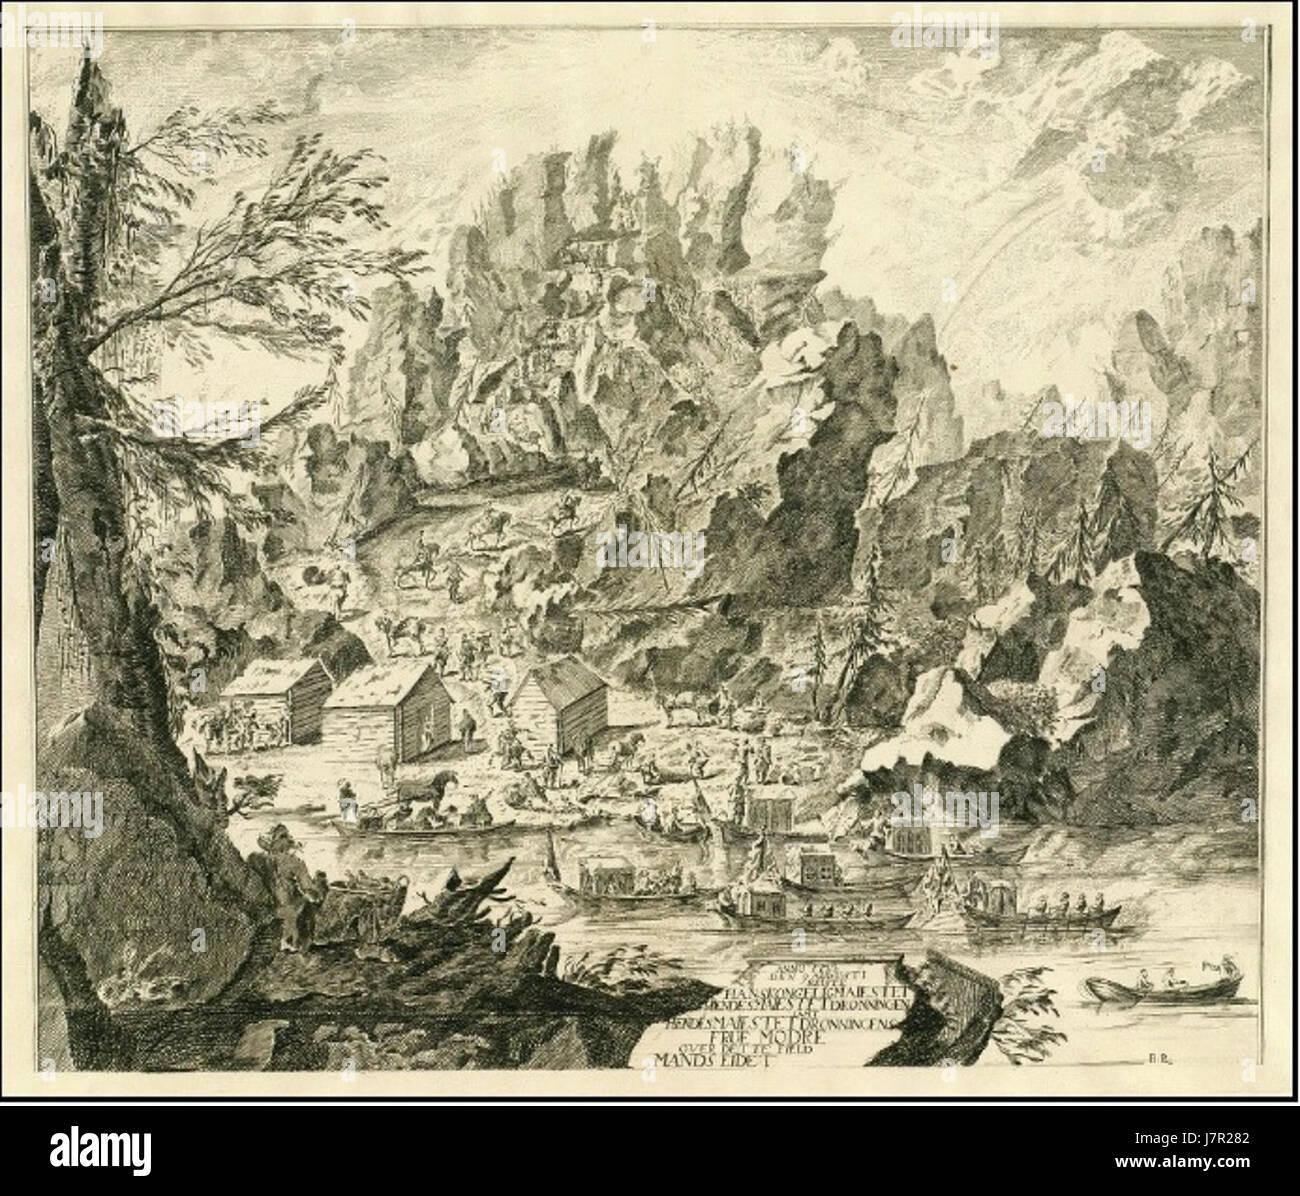 Anno 1733 den 9 Augusti reiste sur ce domaine Commandes Eidet Photo Stock